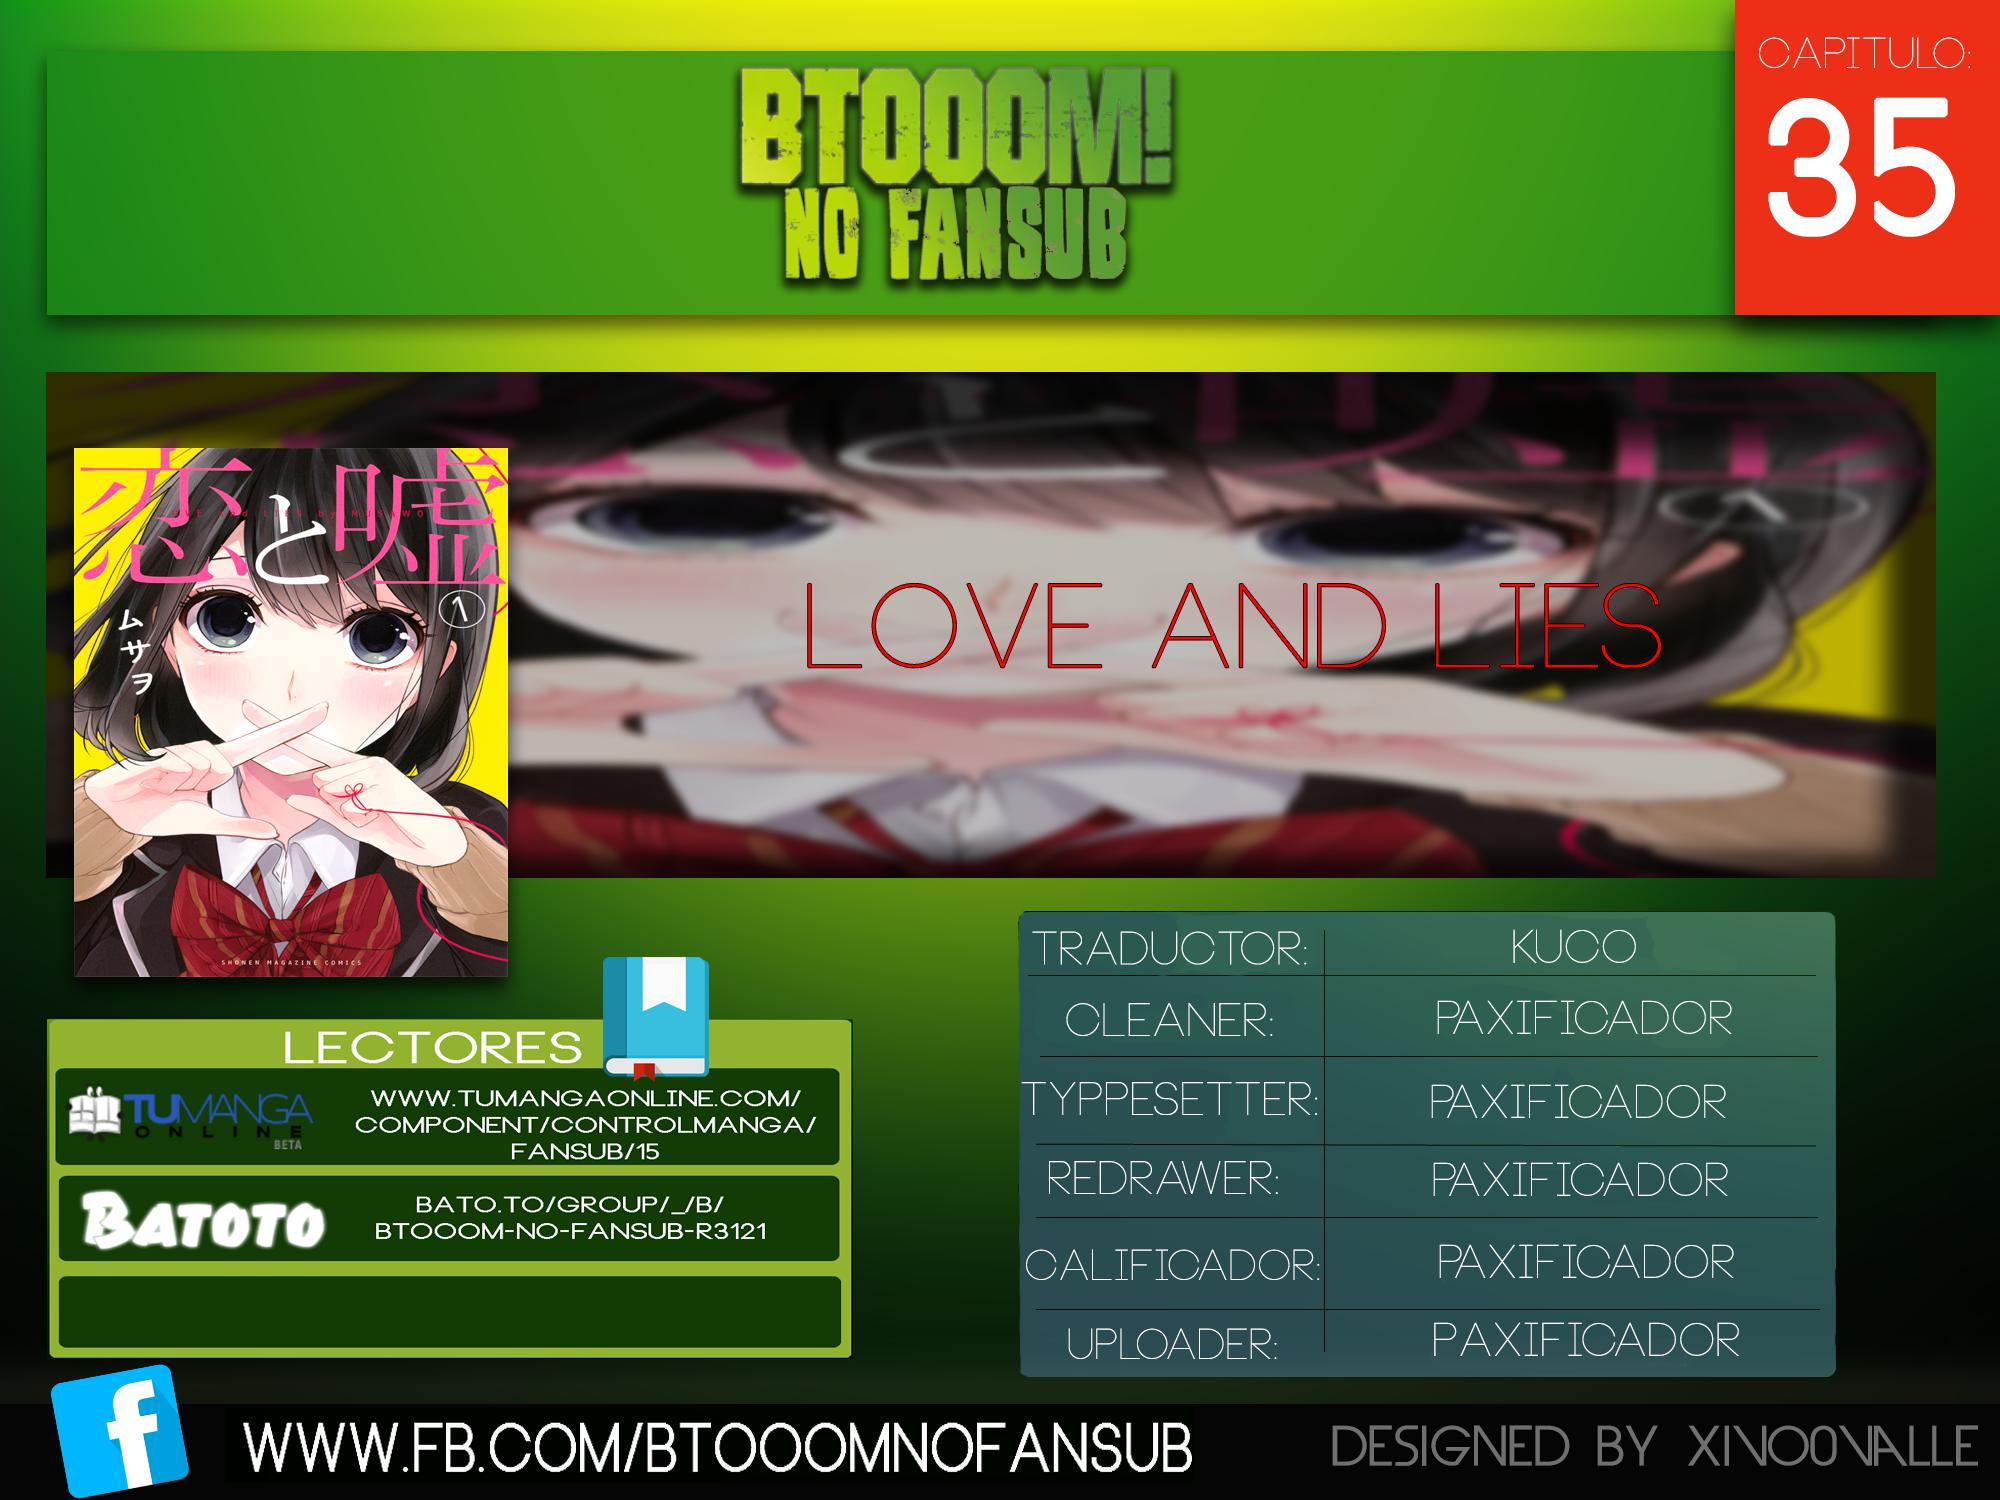 https://c5.ninemanga.com/es_manga/14/14734/361016/ad7ae181409d1089f4c6eed63d364081.jpg Page 1